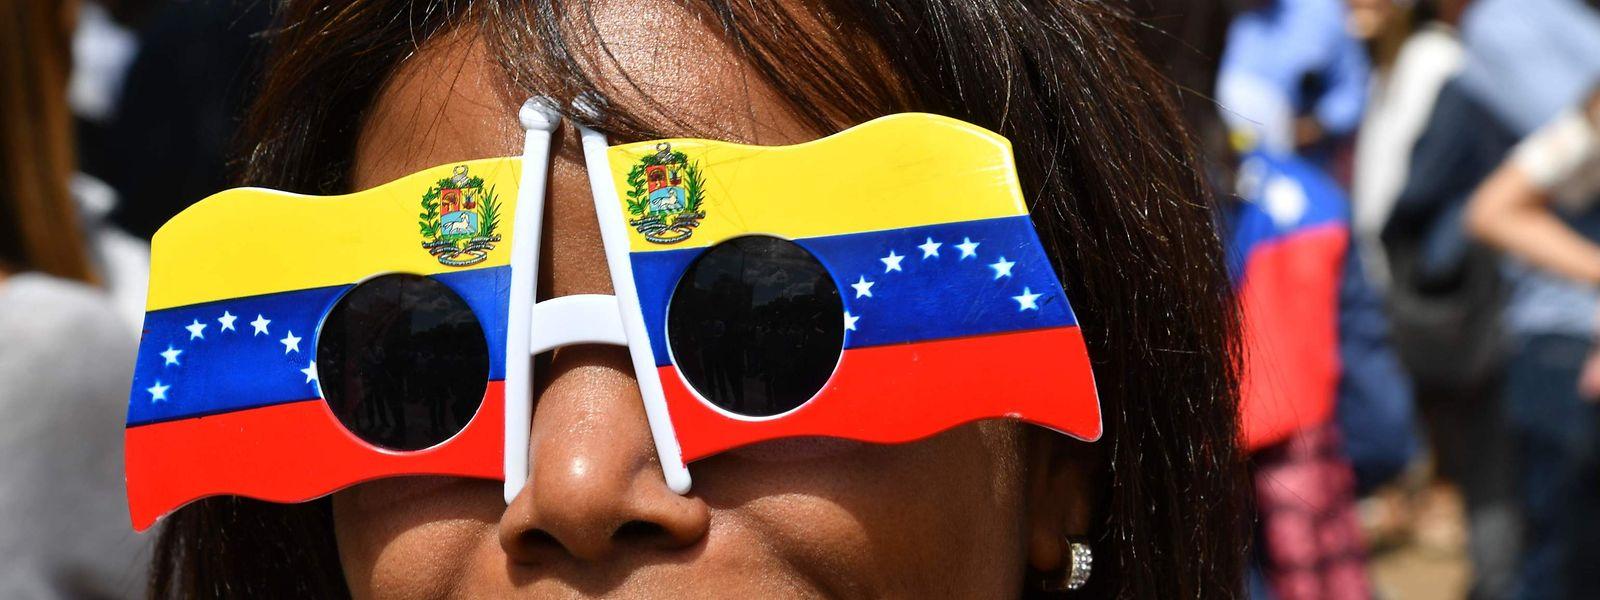 Am Mittwoch gingen erneut mutige Menschen gegen das Maduro-Regime auf die Straße.